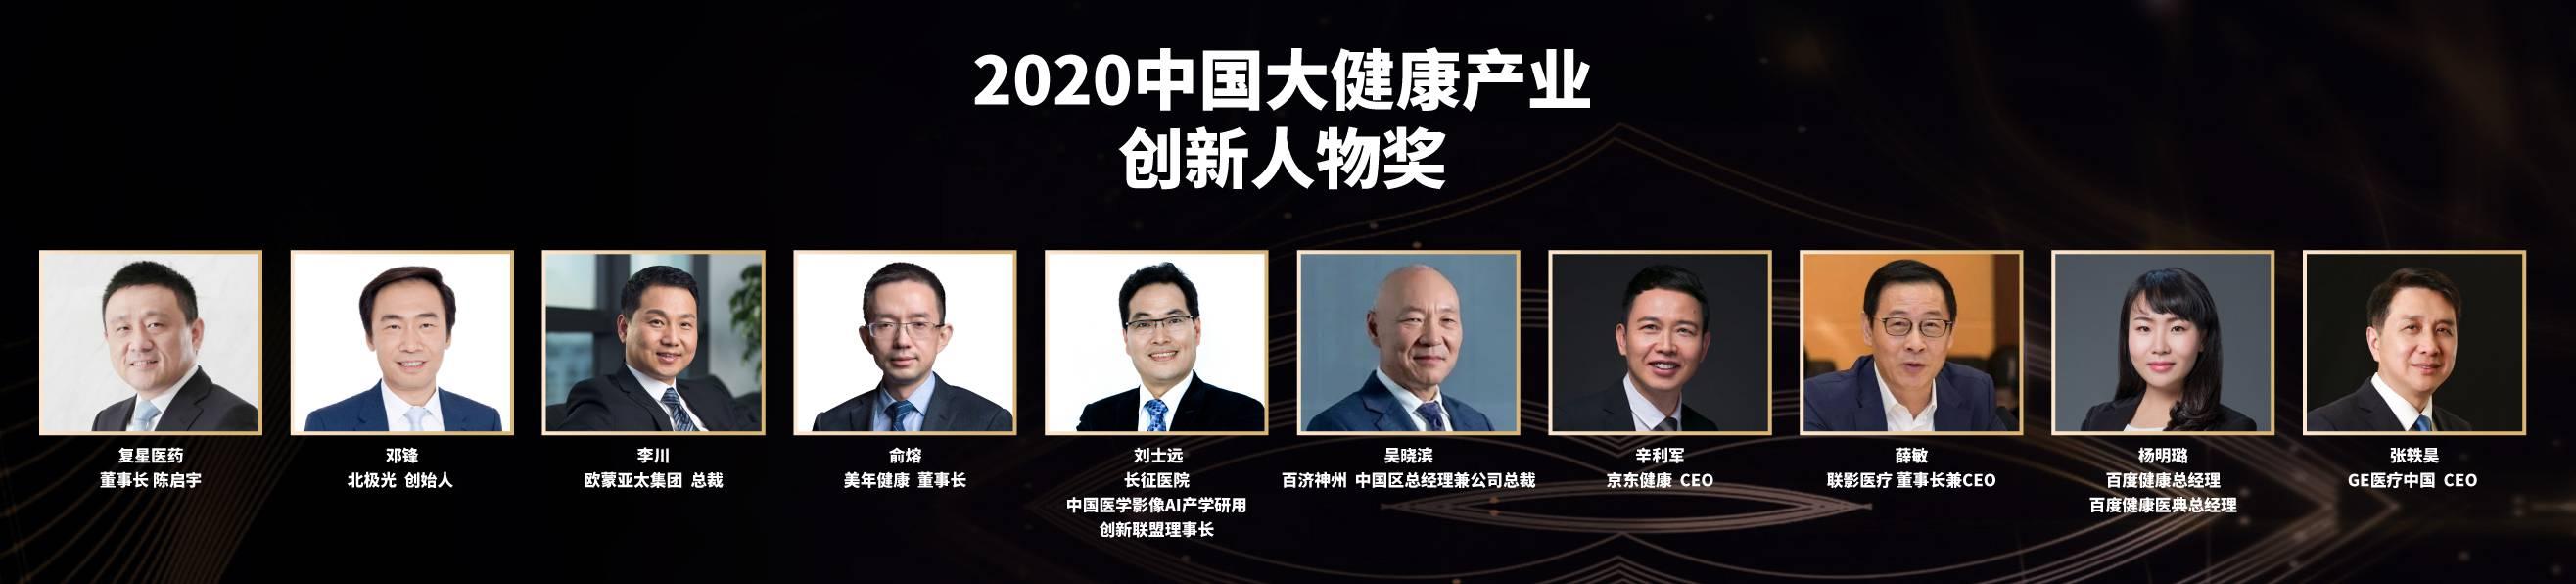 2020中国大健康产业创新人物奖.jpg